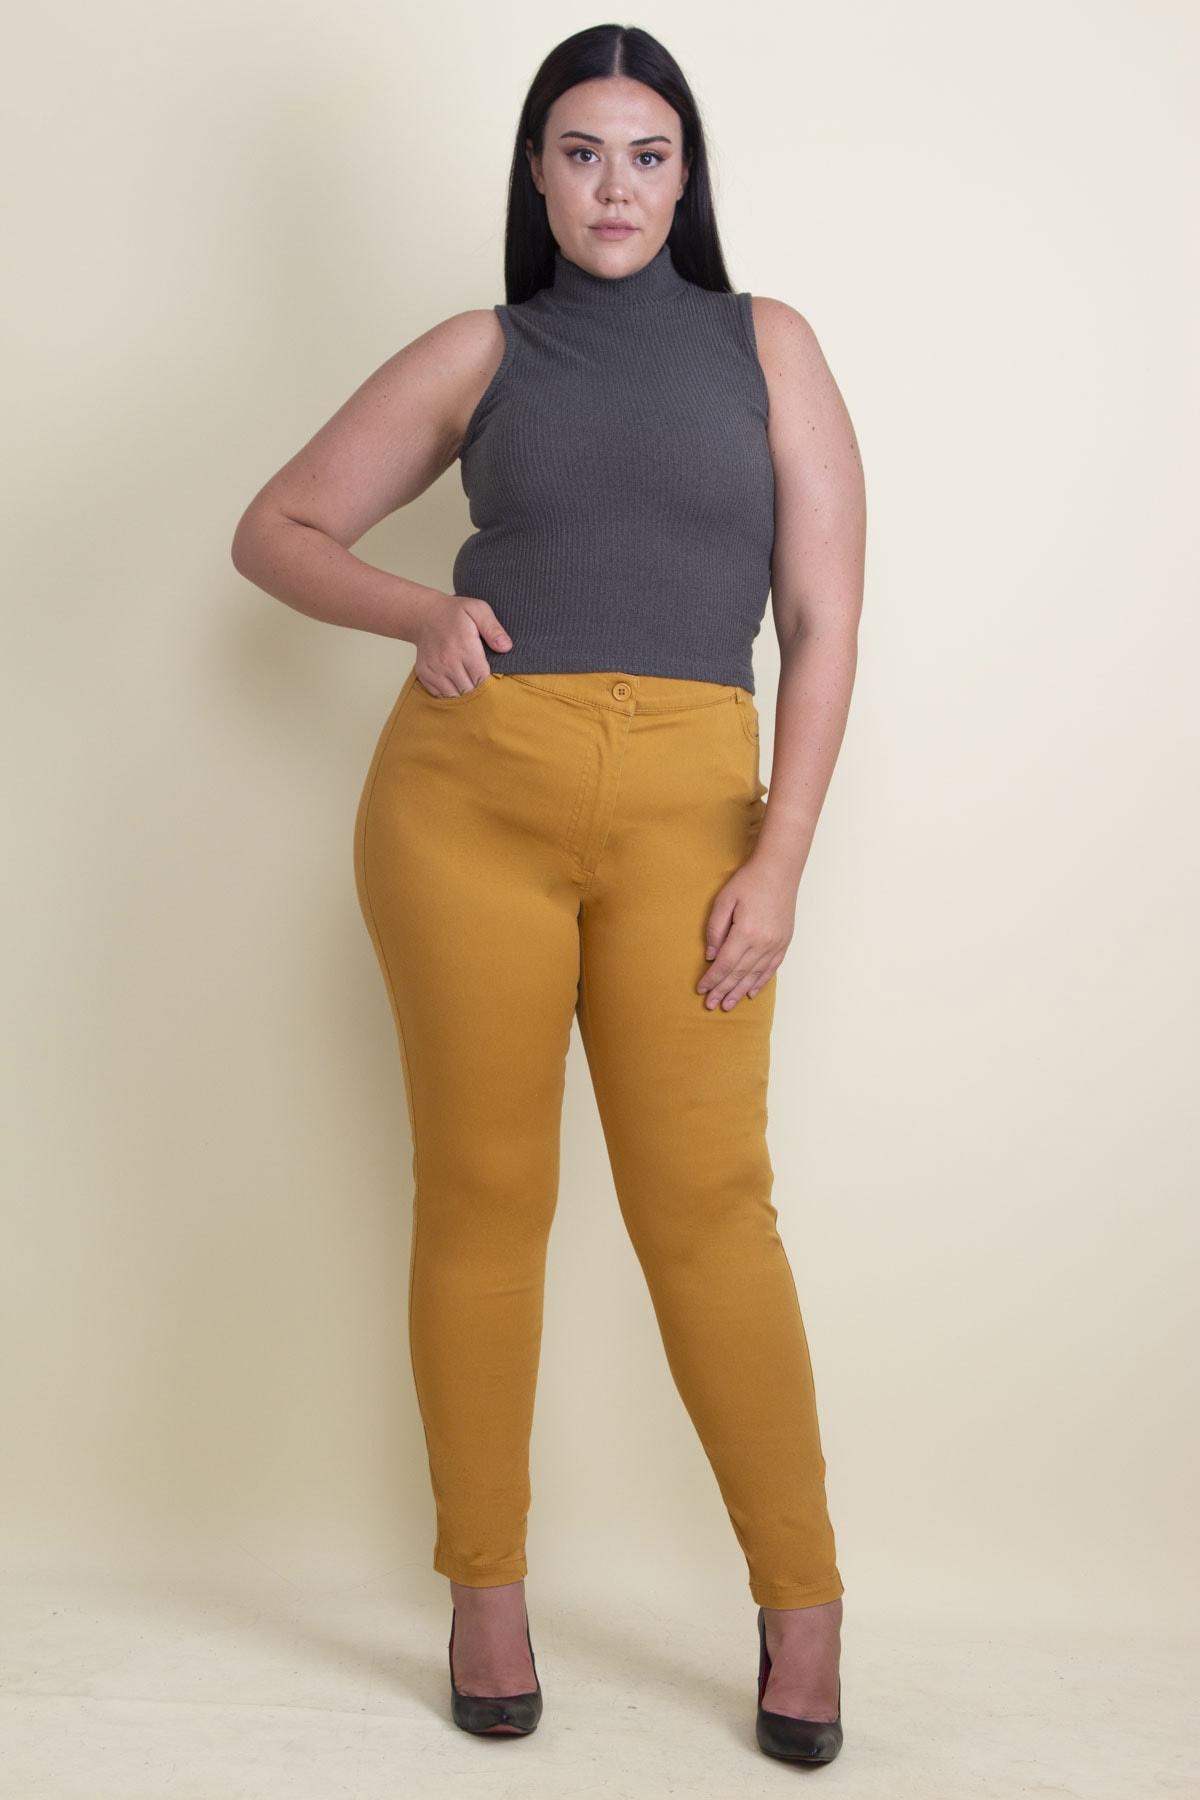 Şans Kadın Hardal Pamuklu Kumaş Likralı Pantolon 65N17898 1